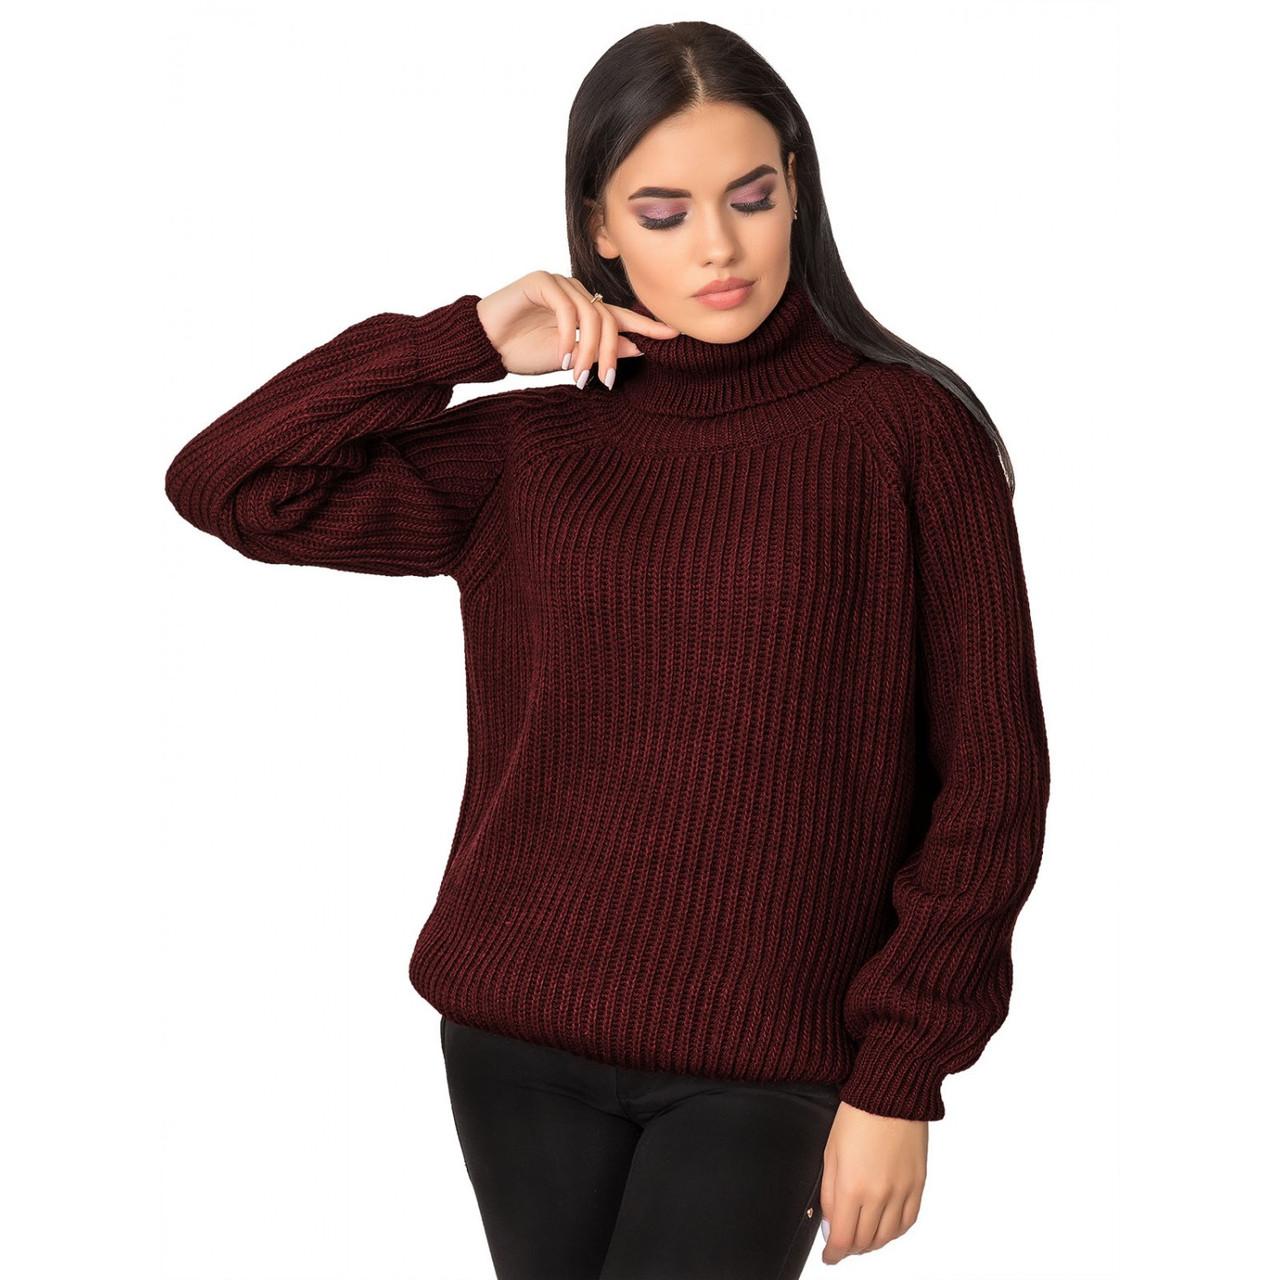 Теплый женский свитер под горло бордовый 44-46-48 размеры